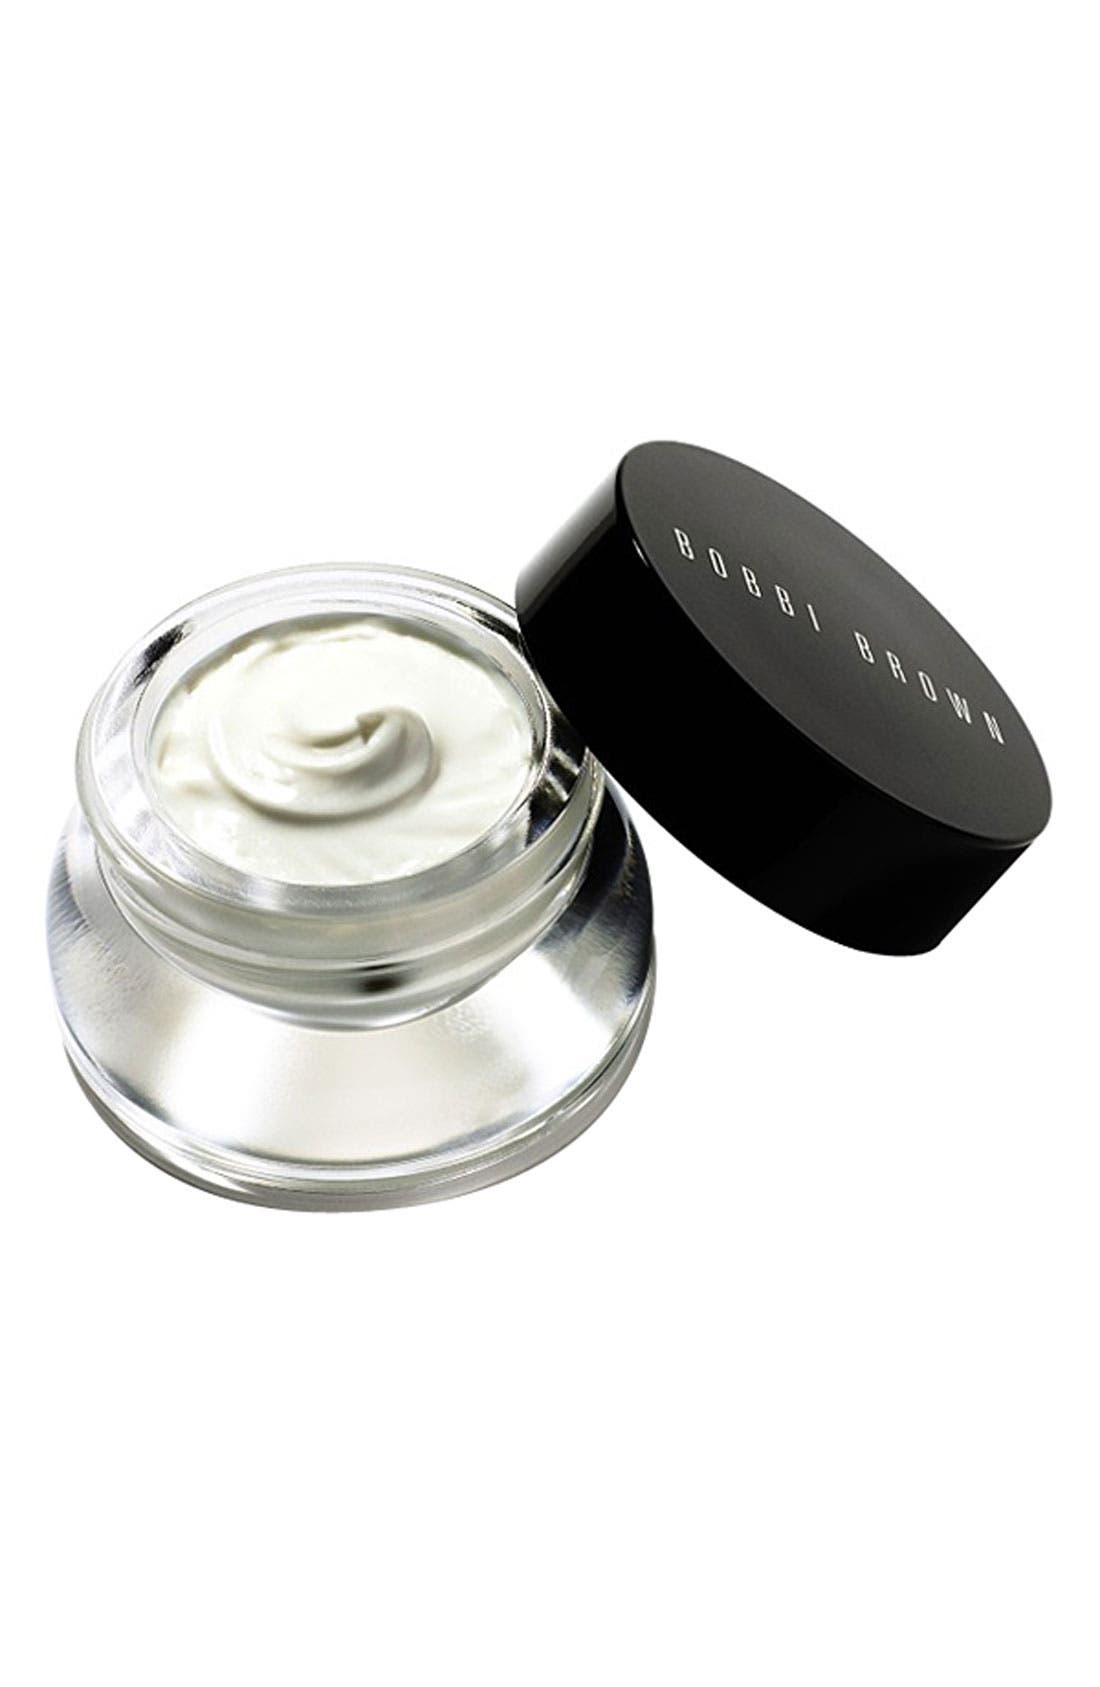 Bobbi Brown 'Extra' Eye Repair Cream